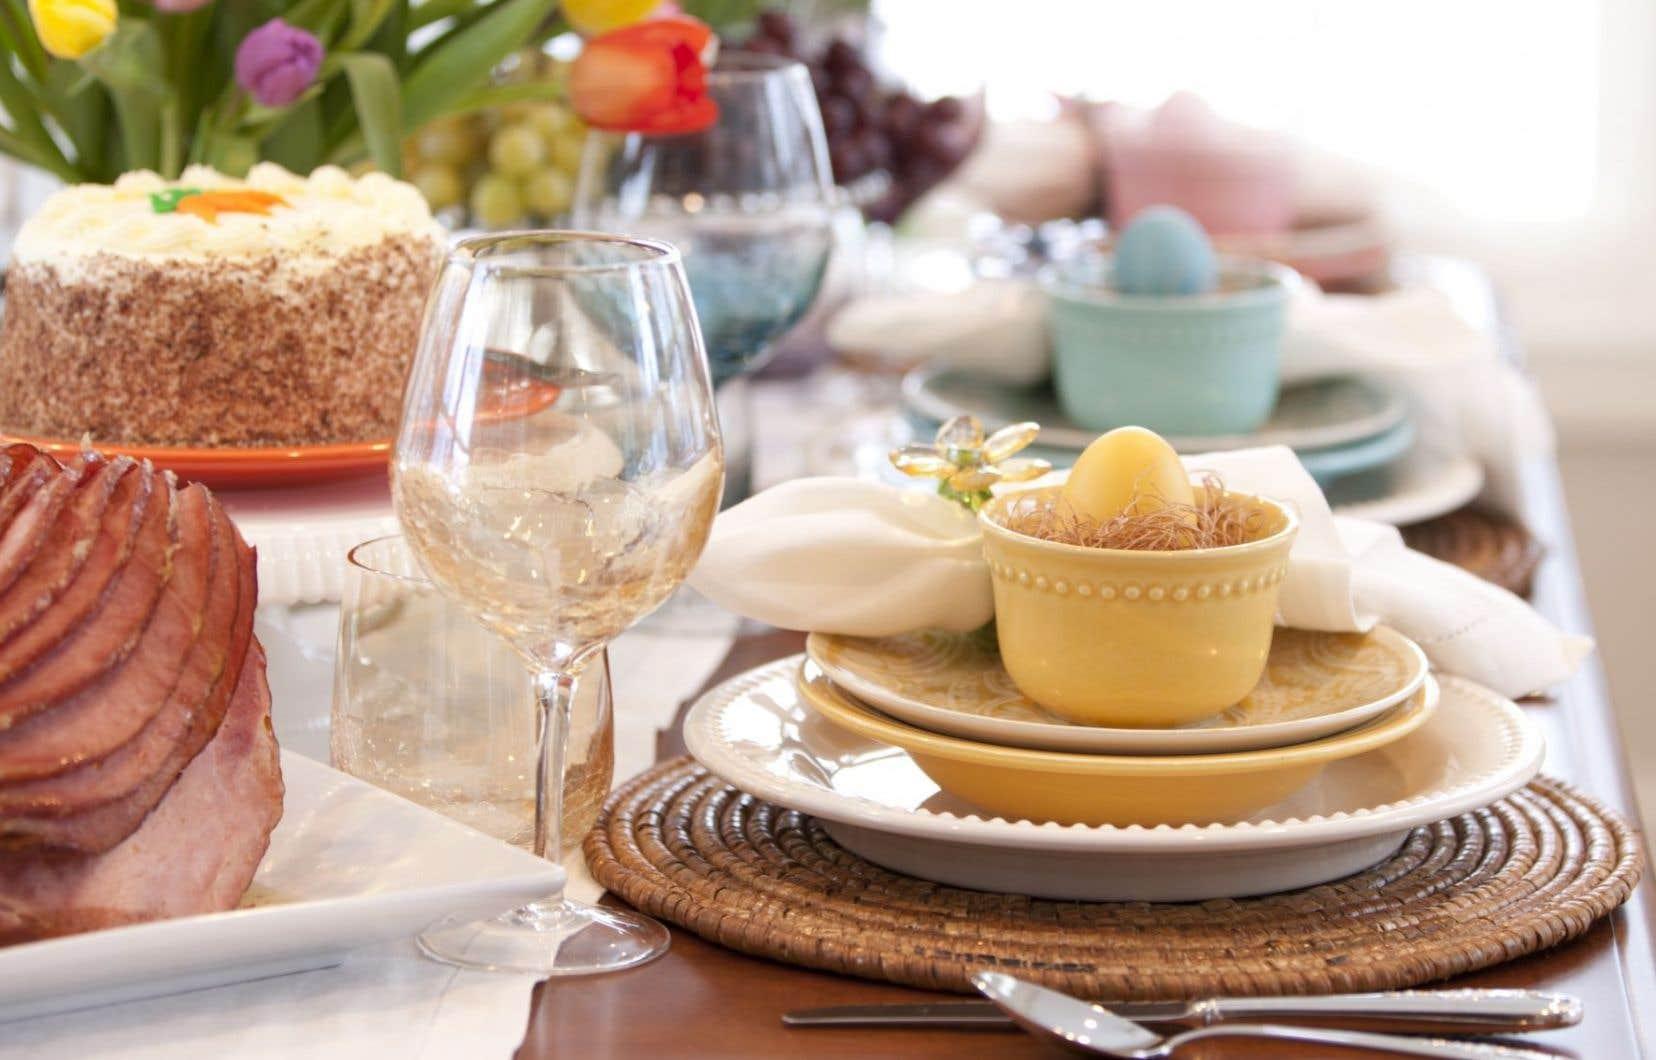 Certaines de nos traditions pascales, dont le jambon et les œufs, ont des origines ancrées dans l'histoire et les religions.